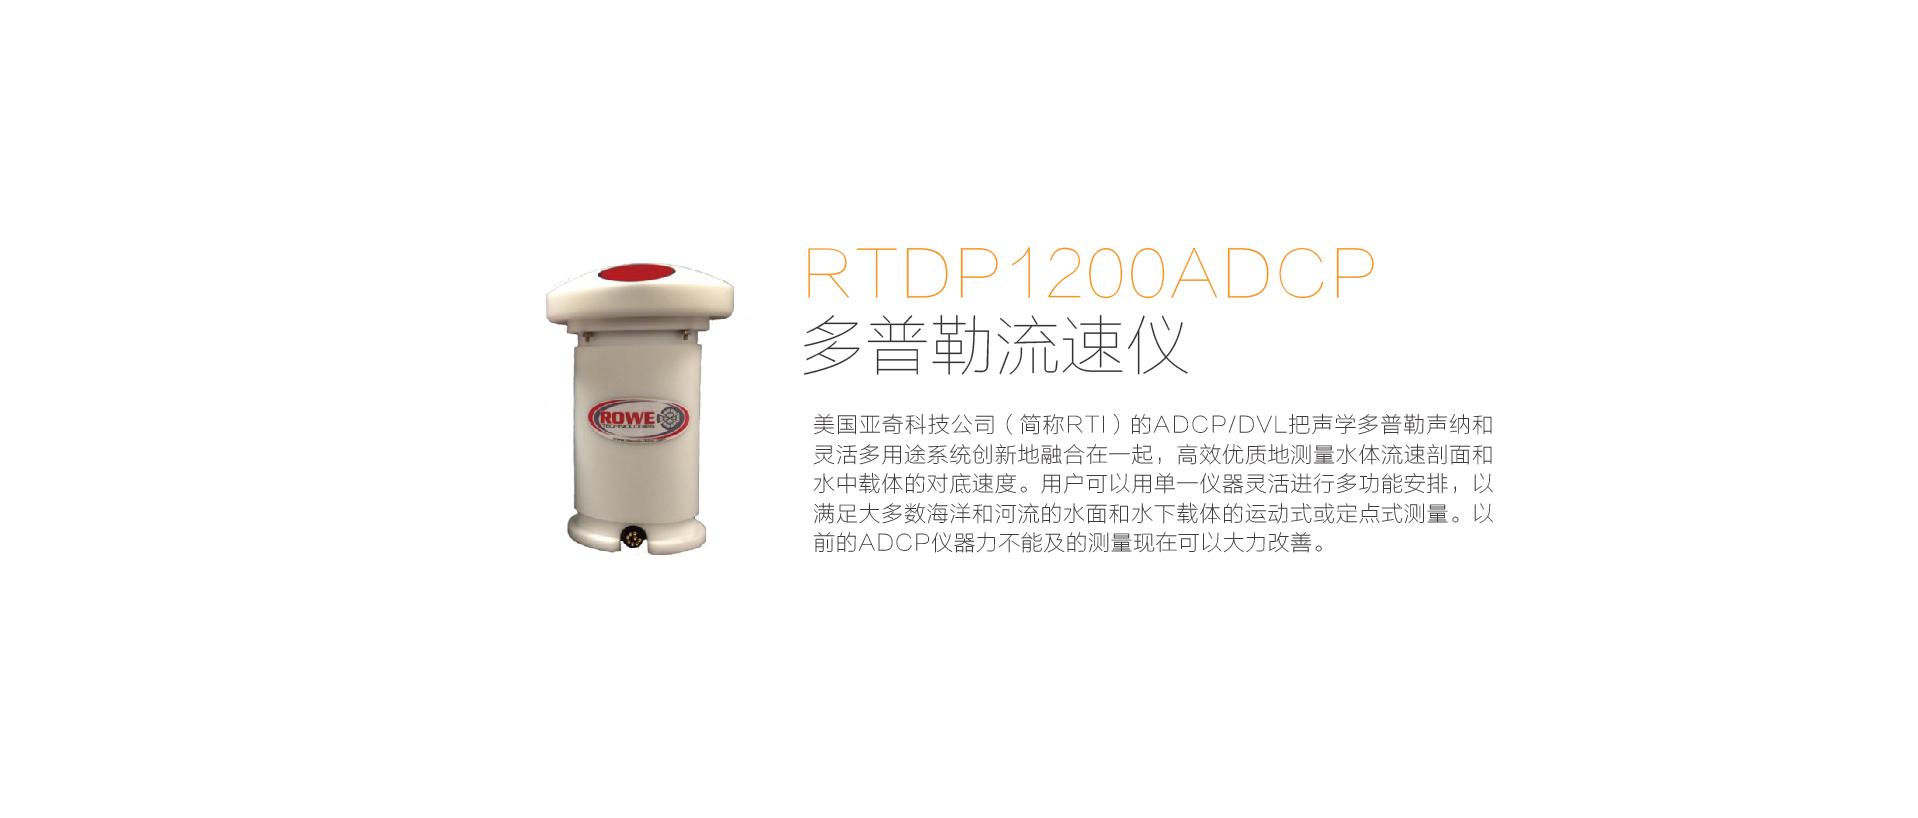 華測導航RTDP1200 ADCP多普勒流速儀,堅固耐用的流速儀,華測導航